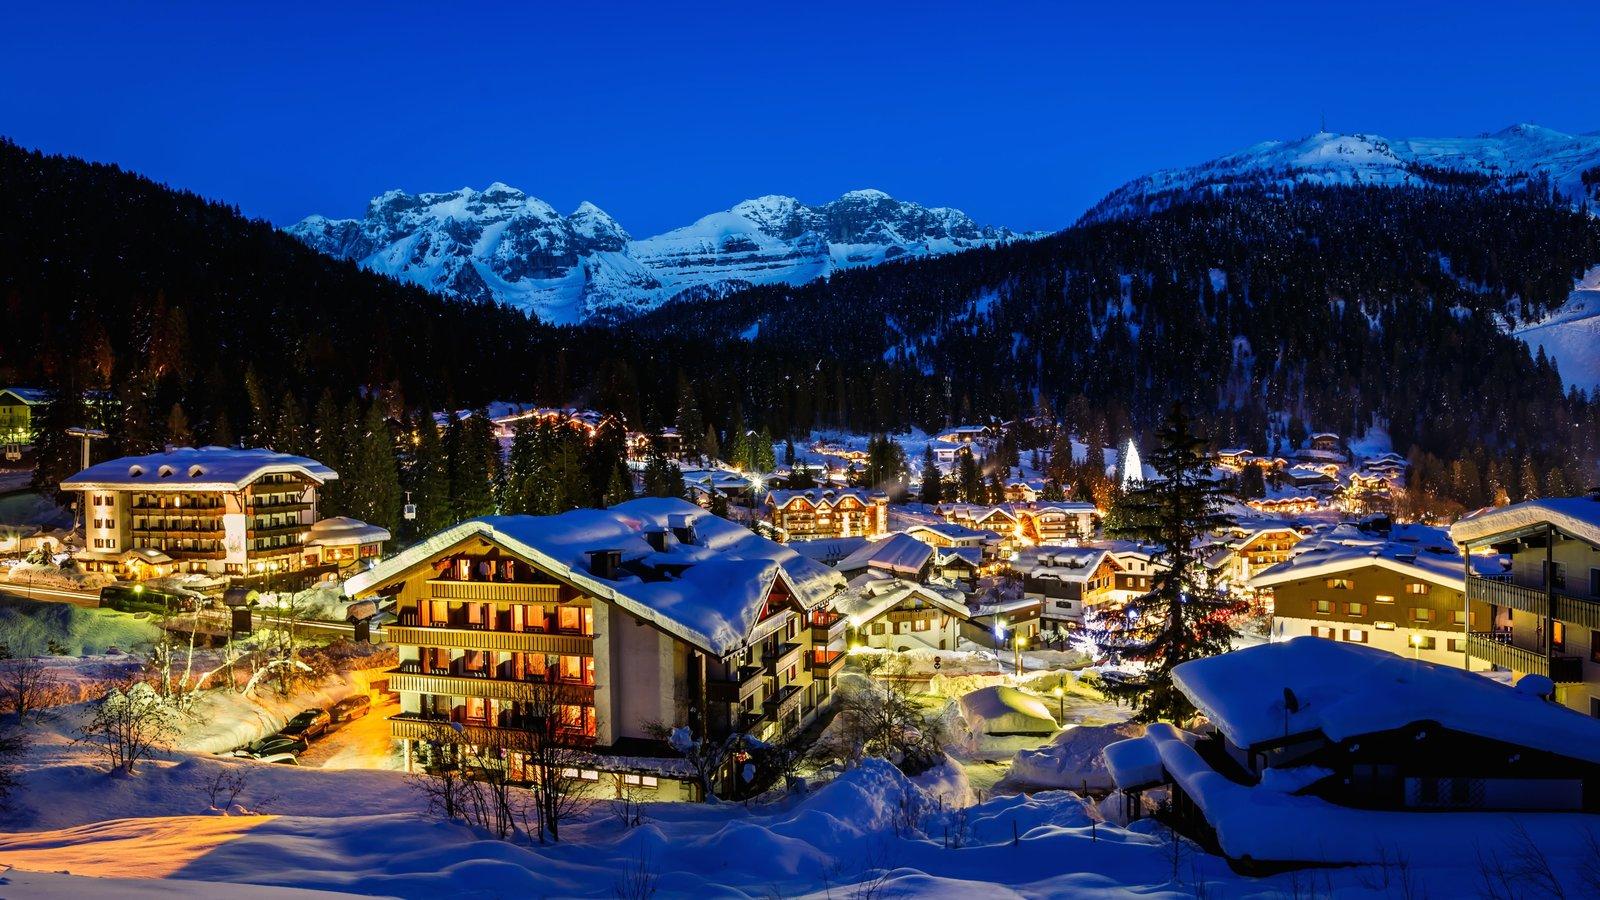 Madonna di Campiglio which includes night scenes, a small town or village and snow